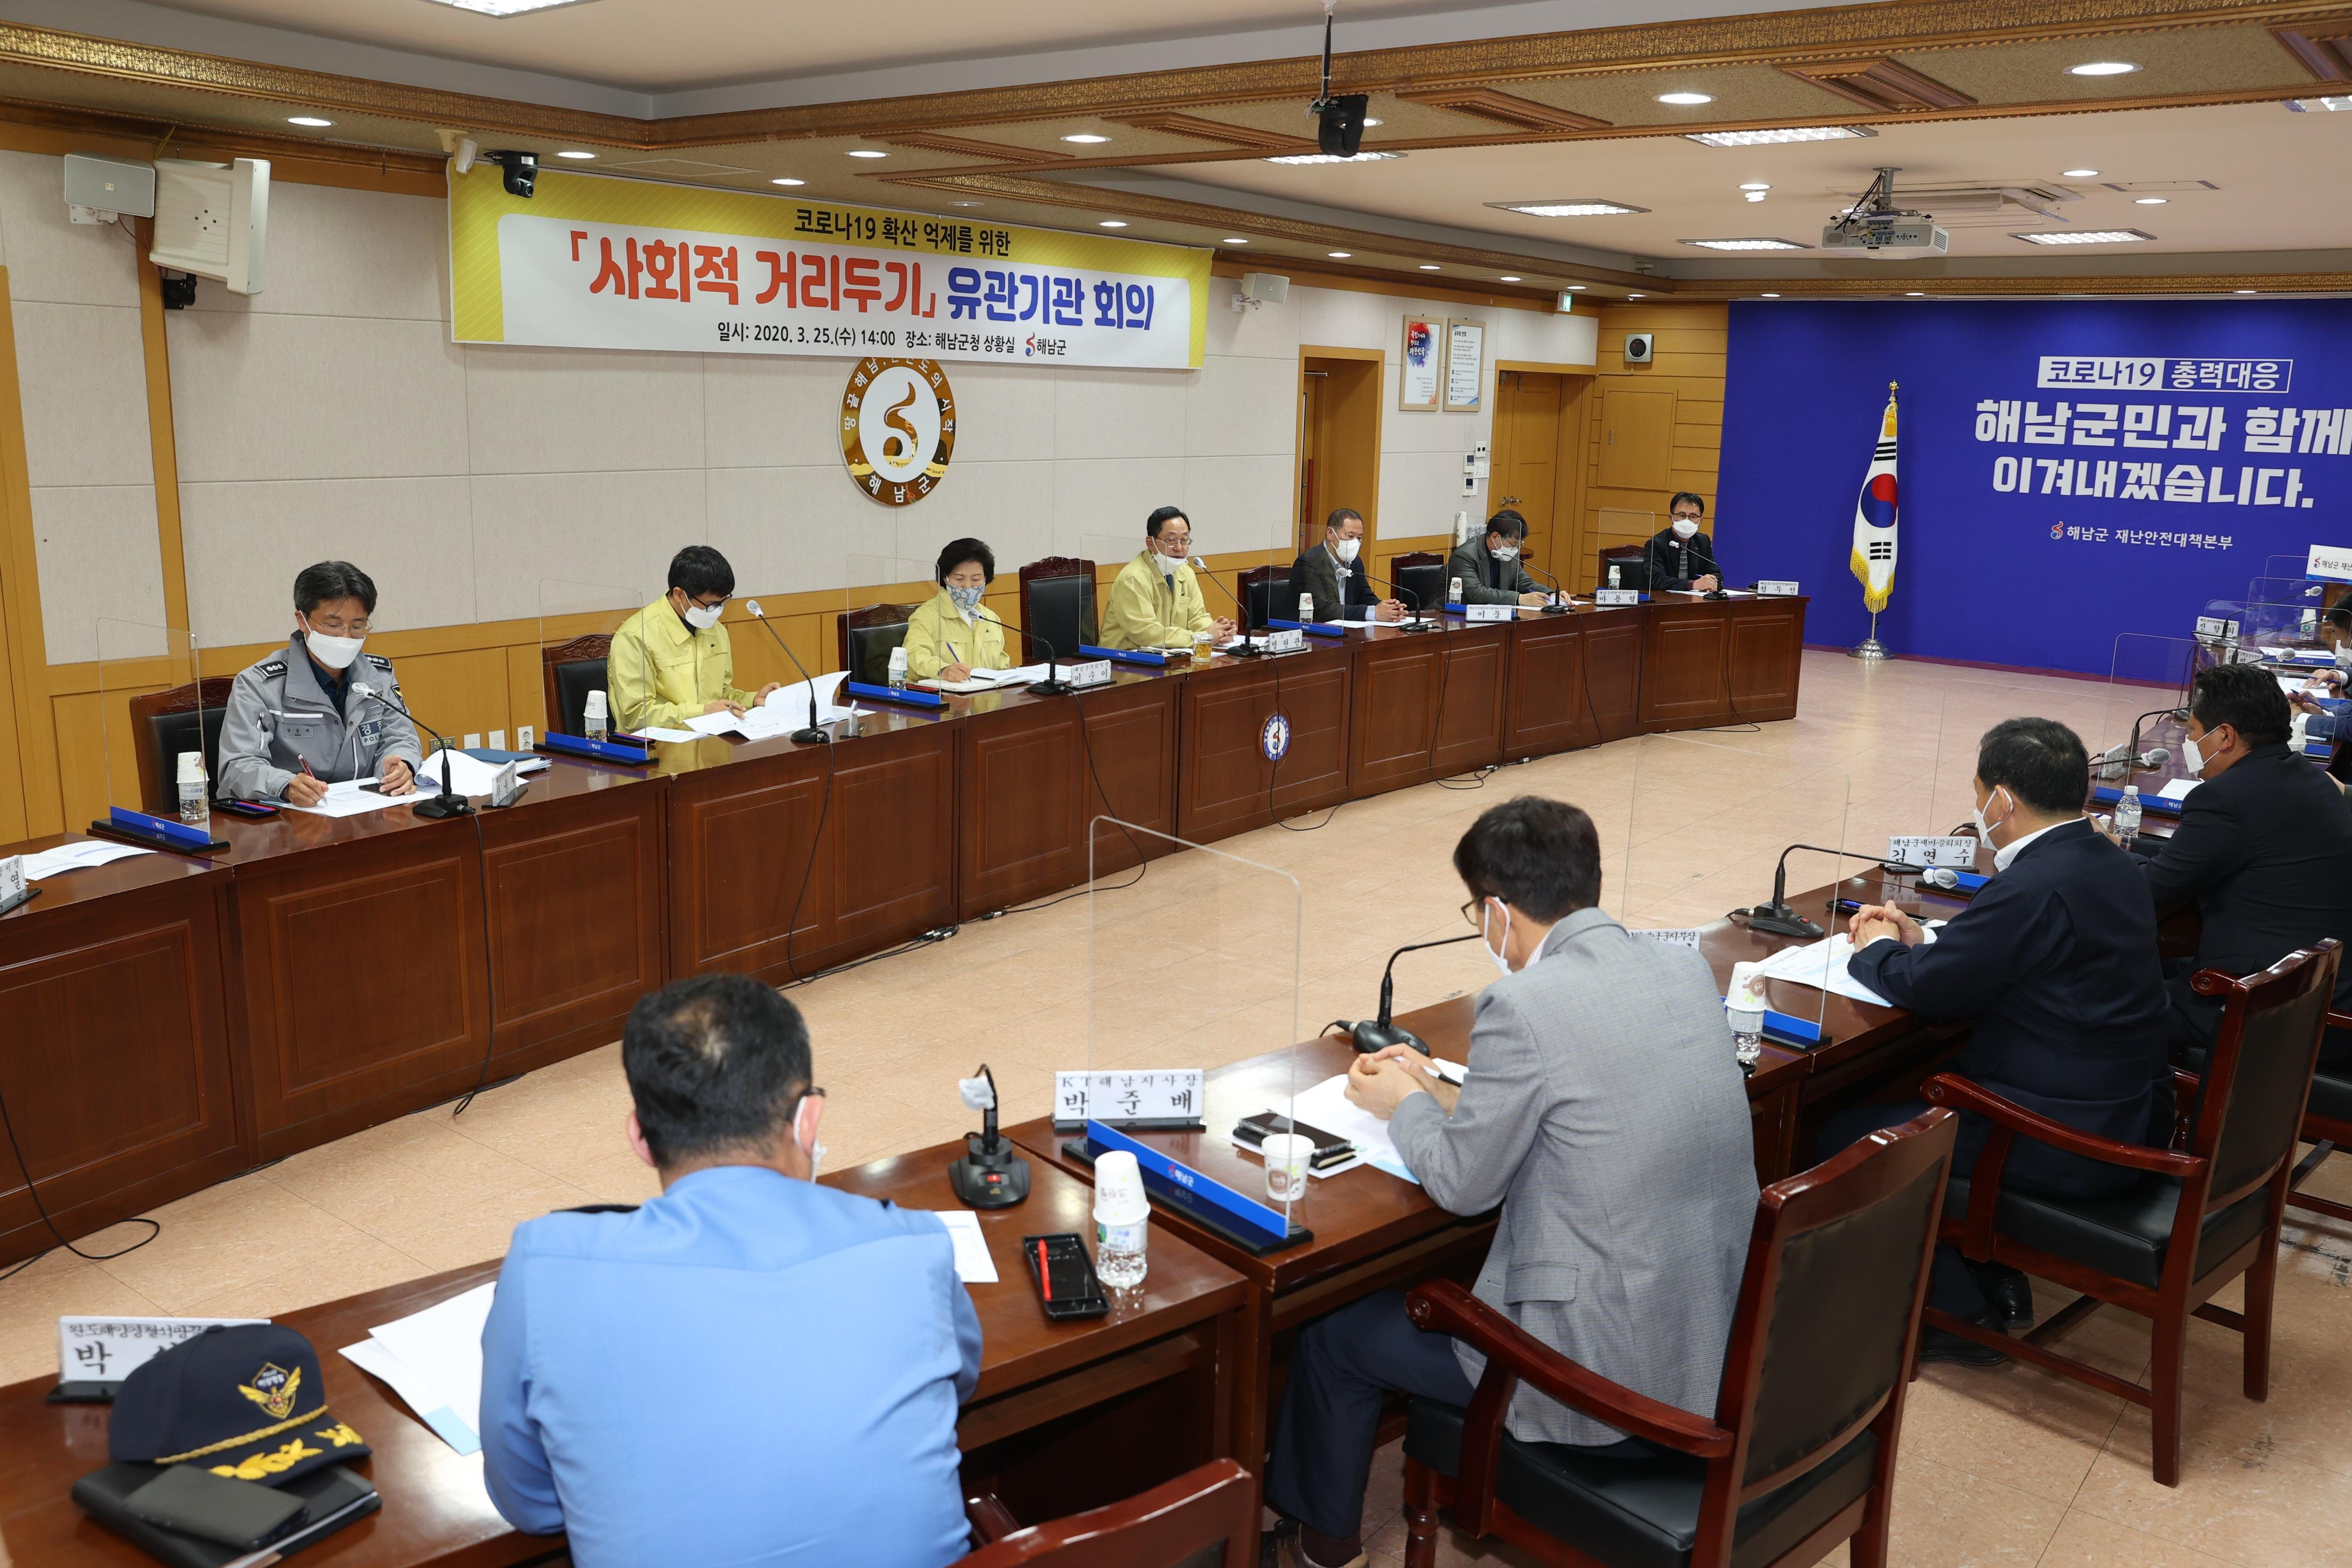 해남군 '사회적 거리두기' 유관기관 협력 다짐